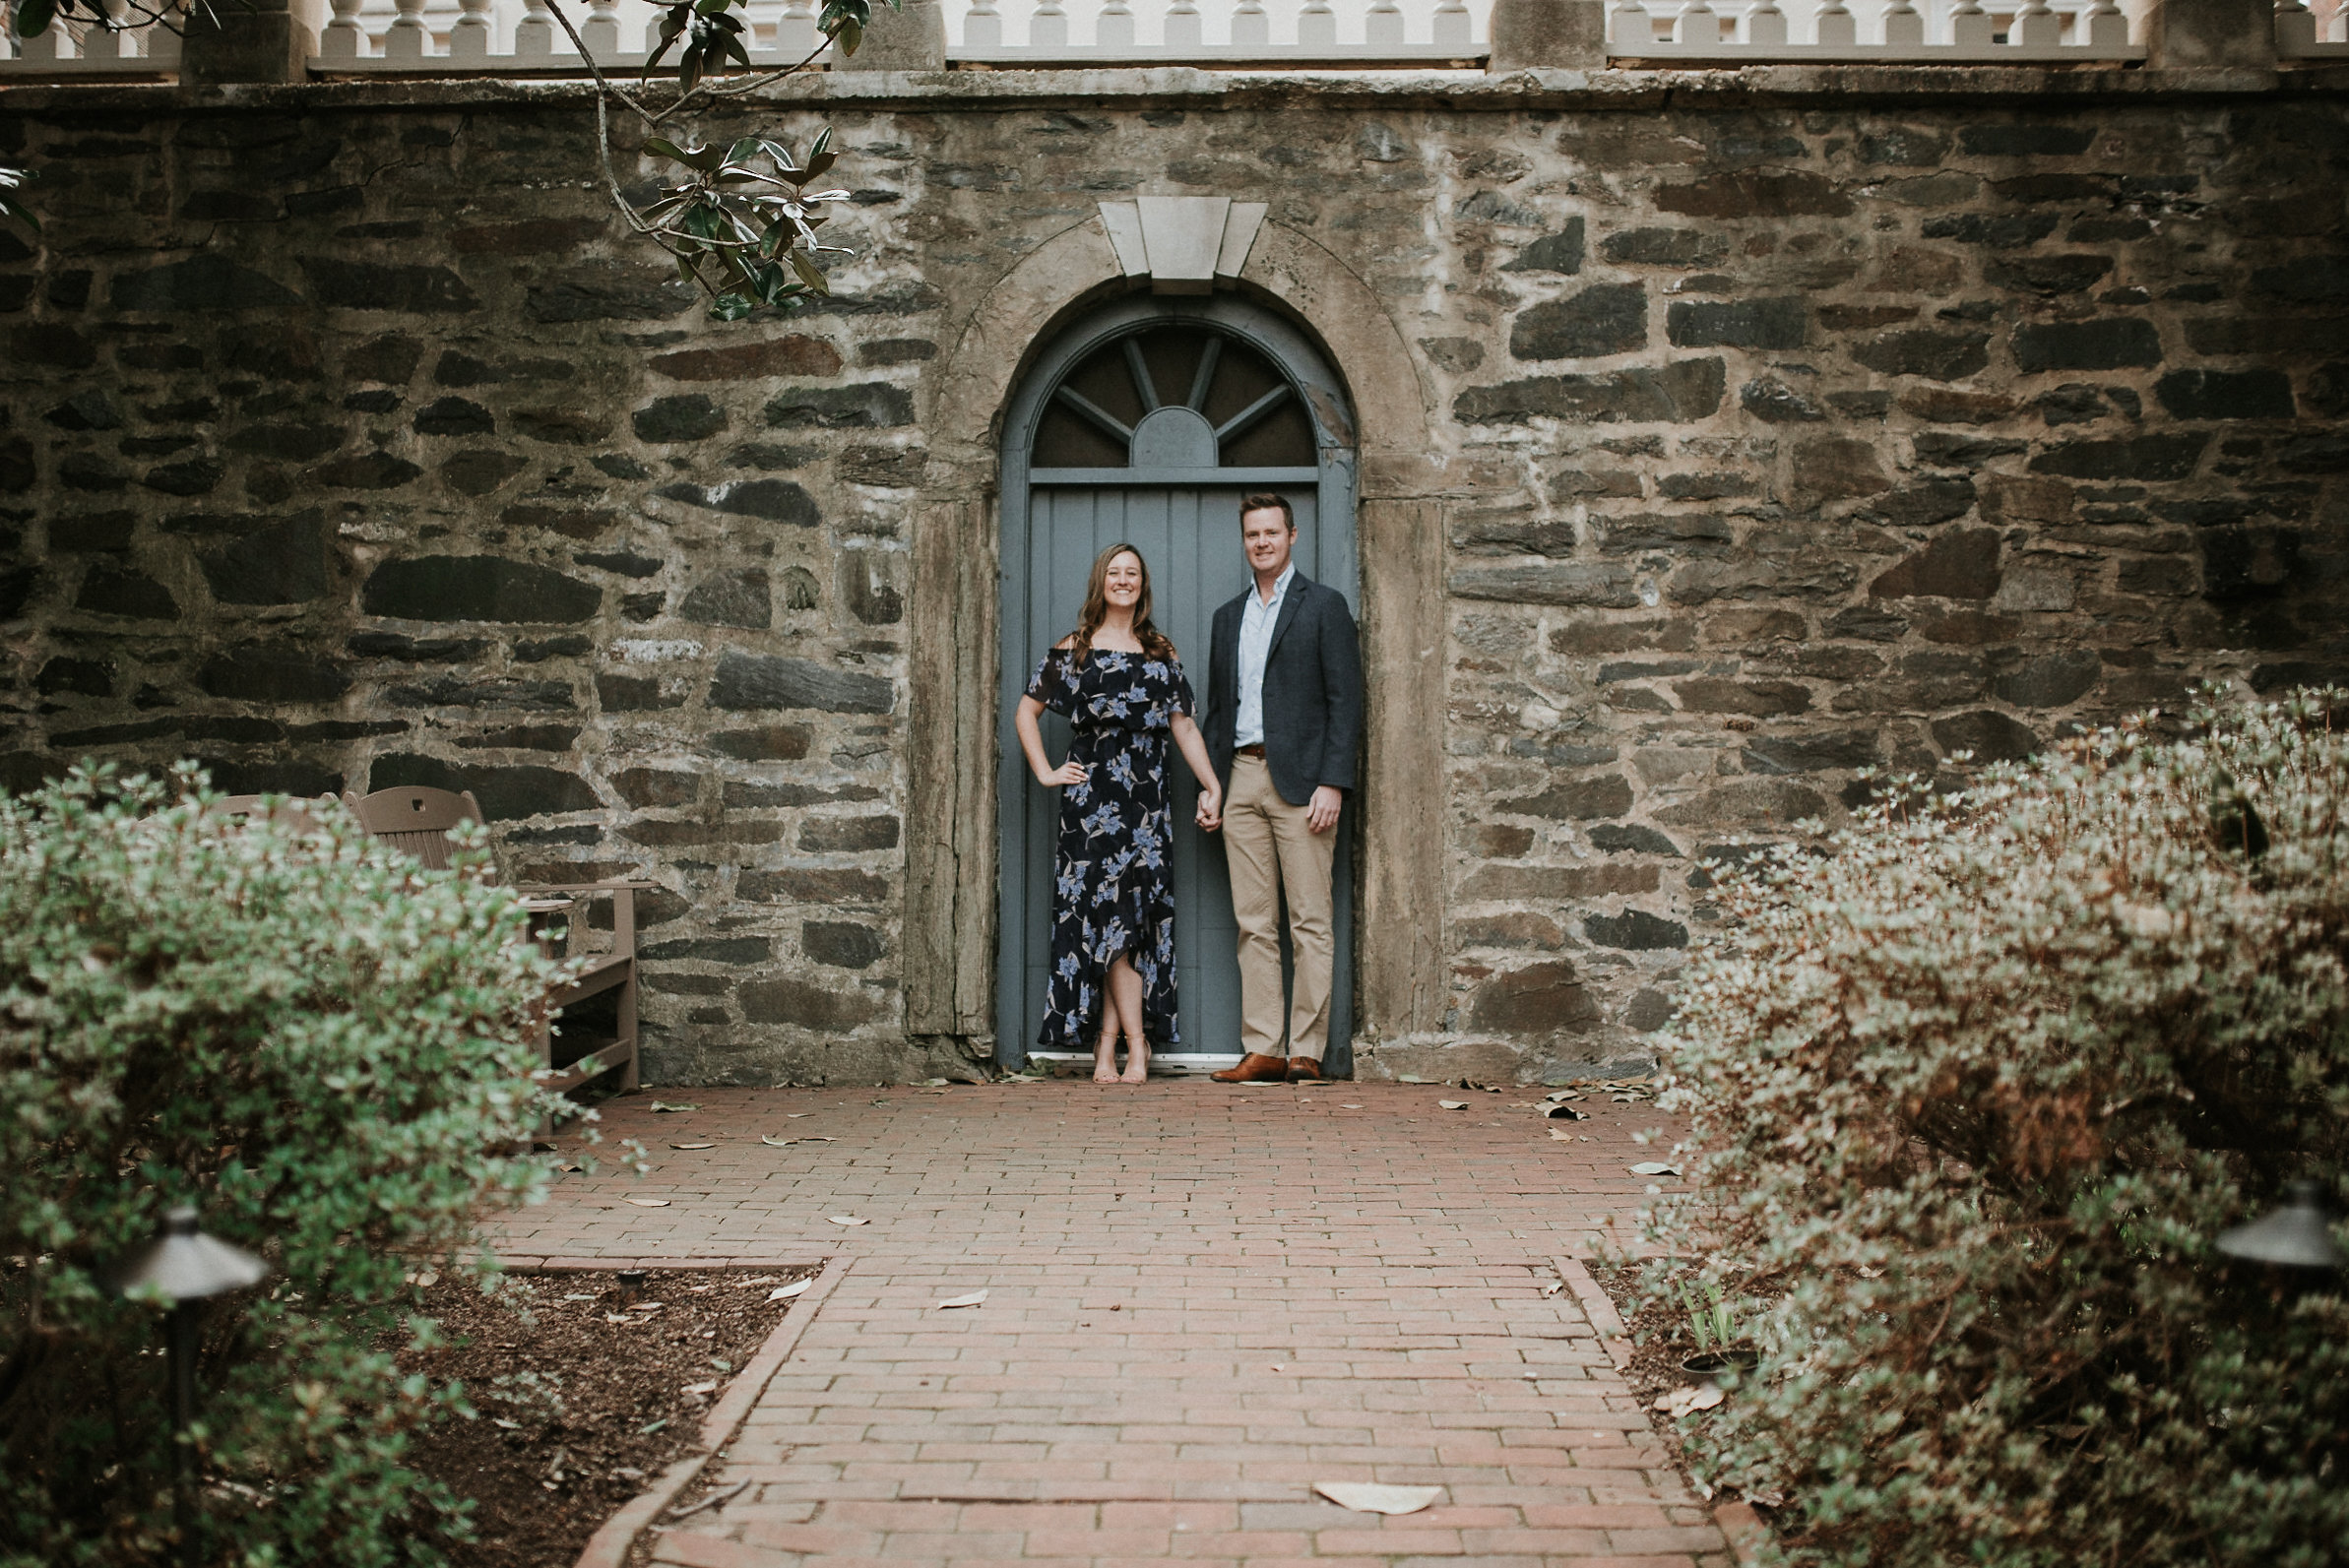 Couple standing in front of doorway